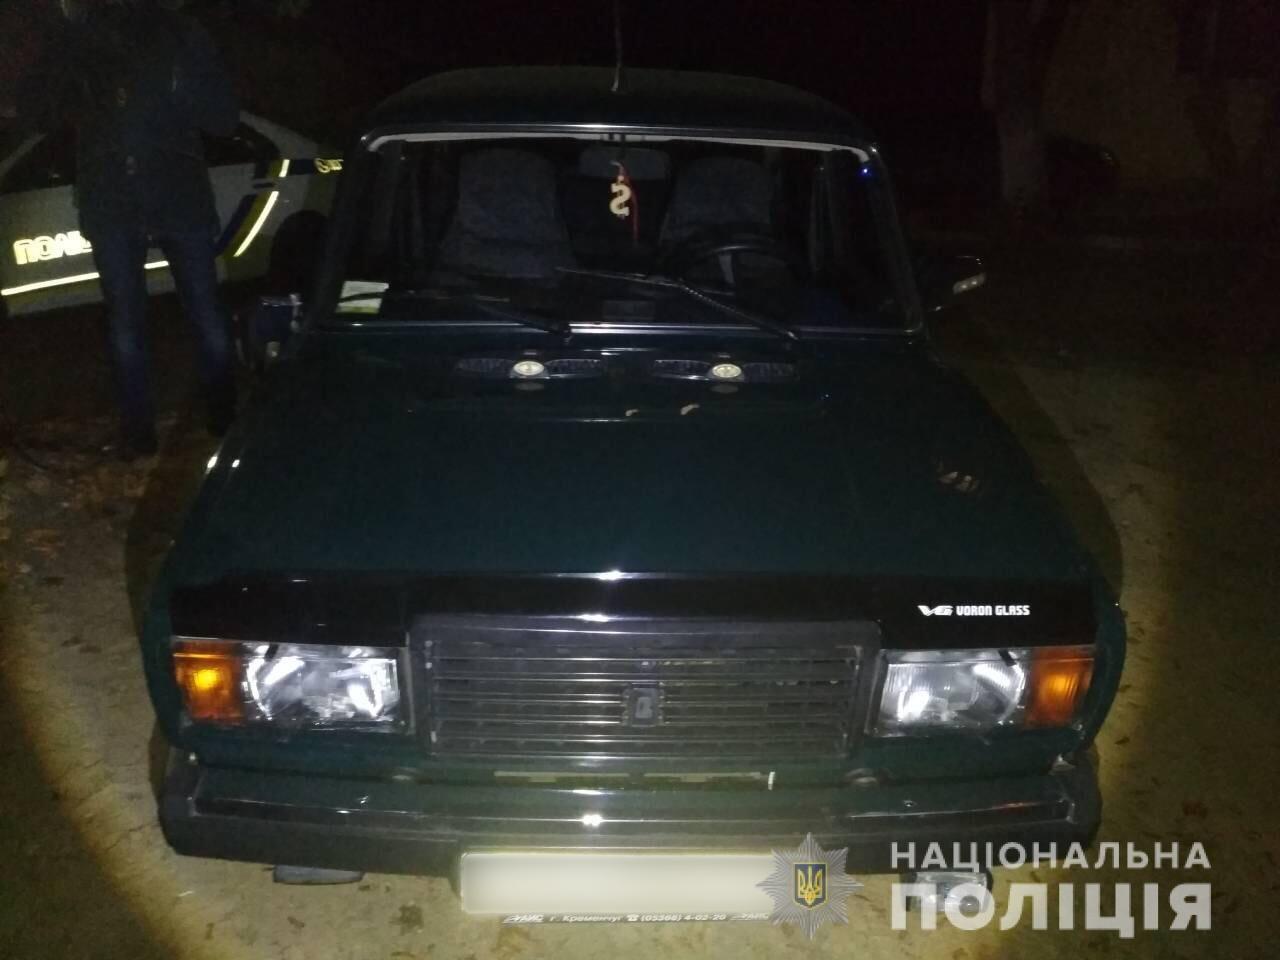 На Харьковщине задержали подозреваемого, который сбил подростка и сбежал, - ФОТО, фото-1